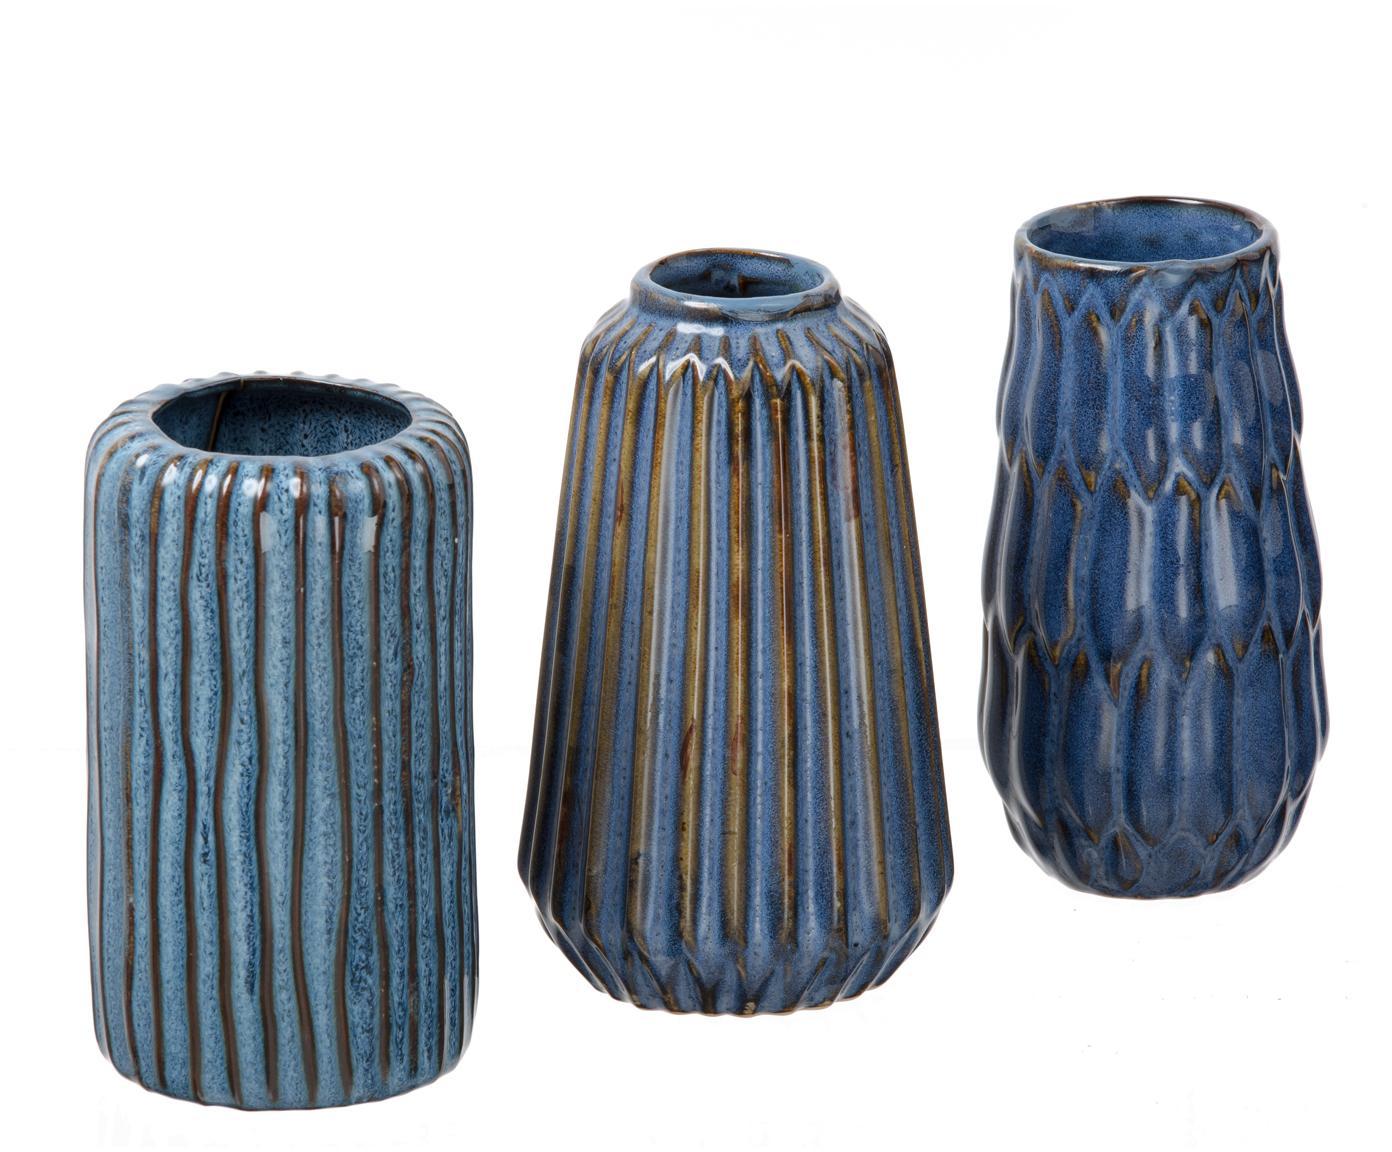 Komplet małych wazonów z porcelany Aquarel, 3 elem., Porcelana, Odcienie niebieskiego z gradientem, Różne rozmiary